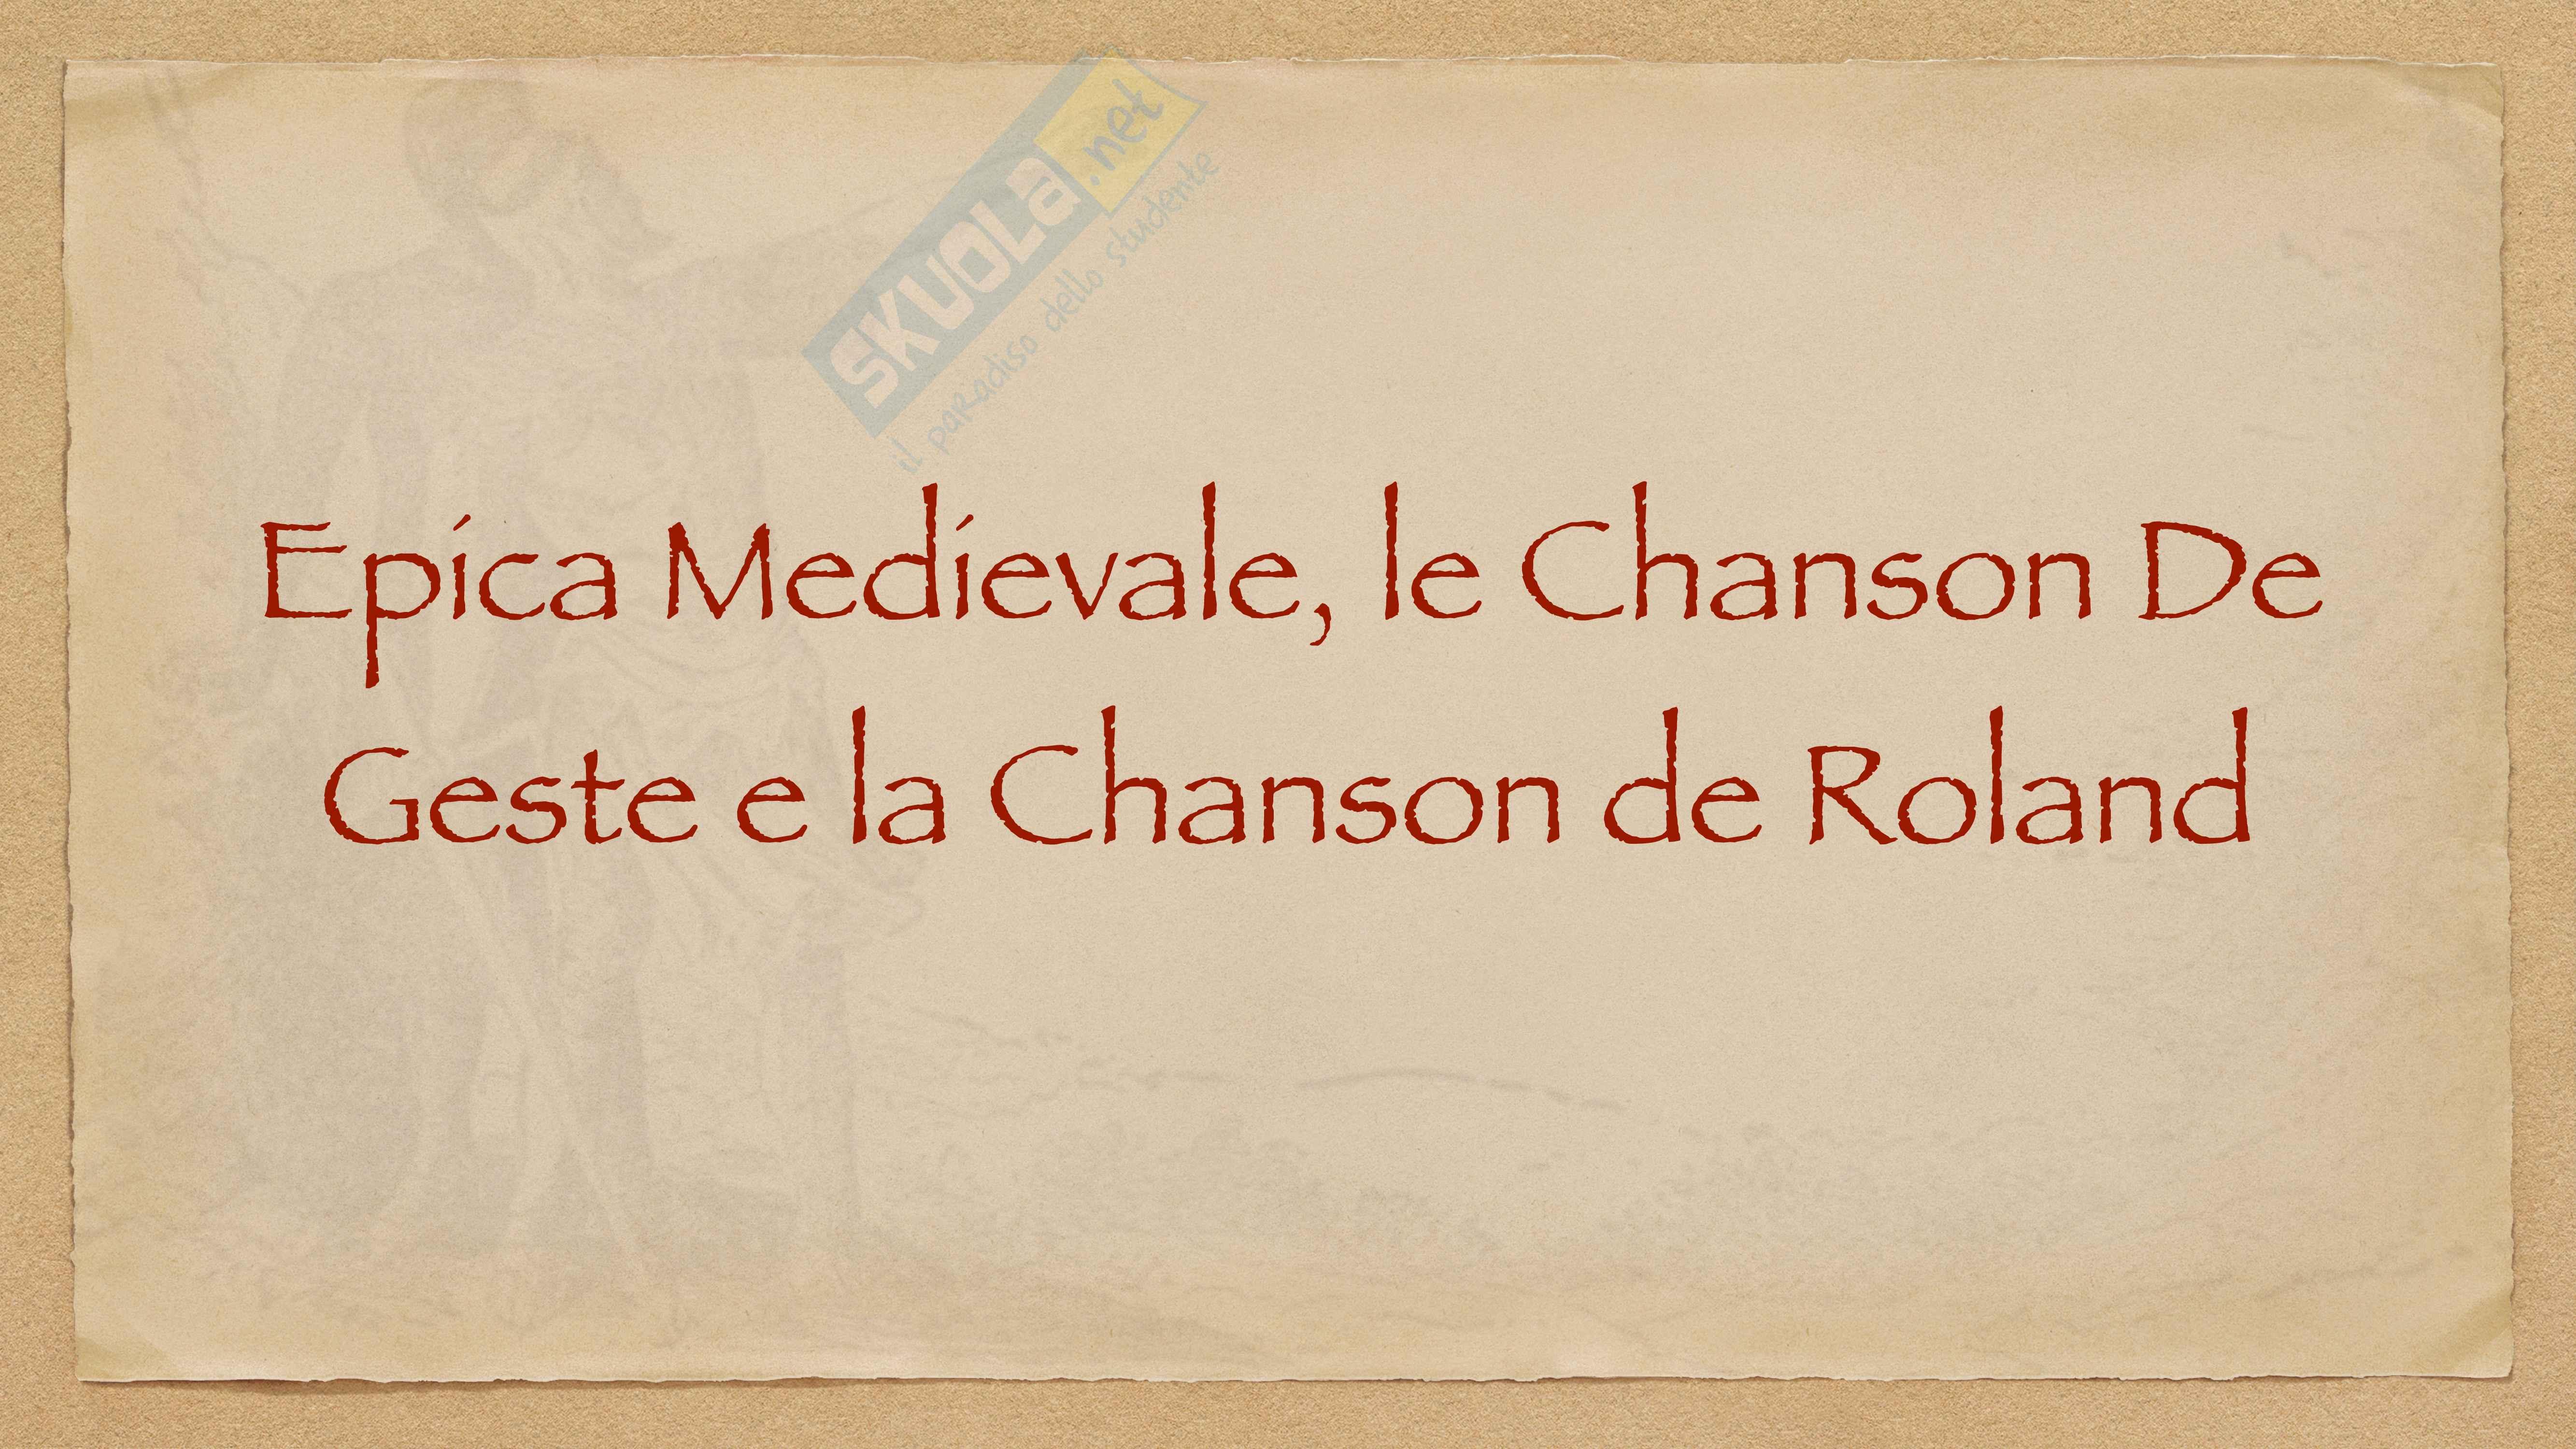 Epica Medievale, le Chanson de Geste e la Canzone di Orlando